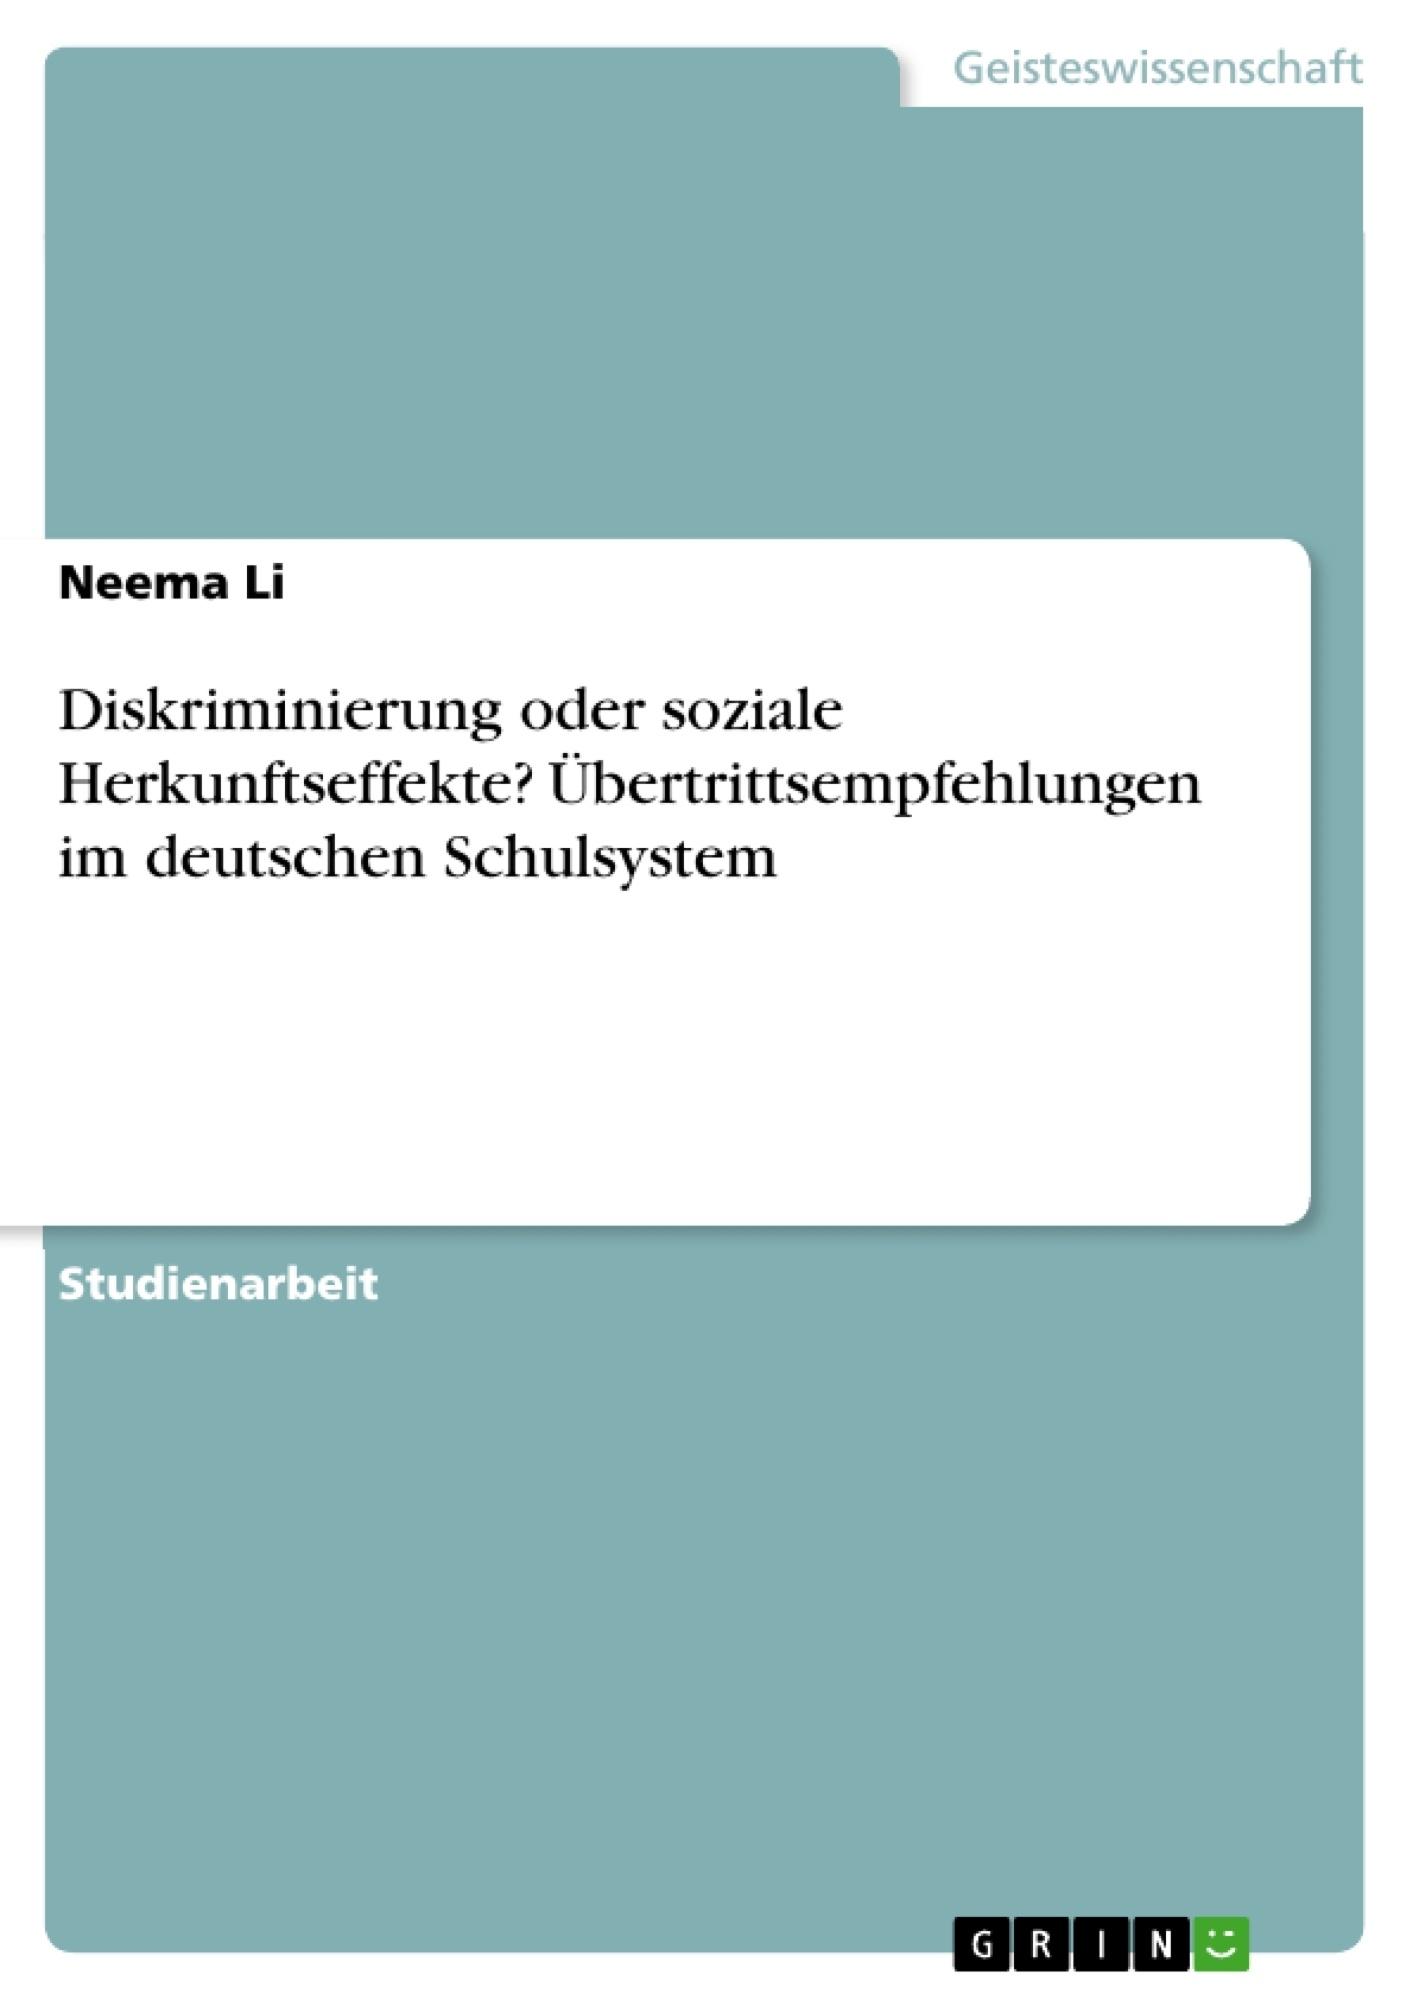 Titel: Diskriminierung oder soziale Herkunftseffekte? Übertrittsempfehlungen im deutschen Schulsystem